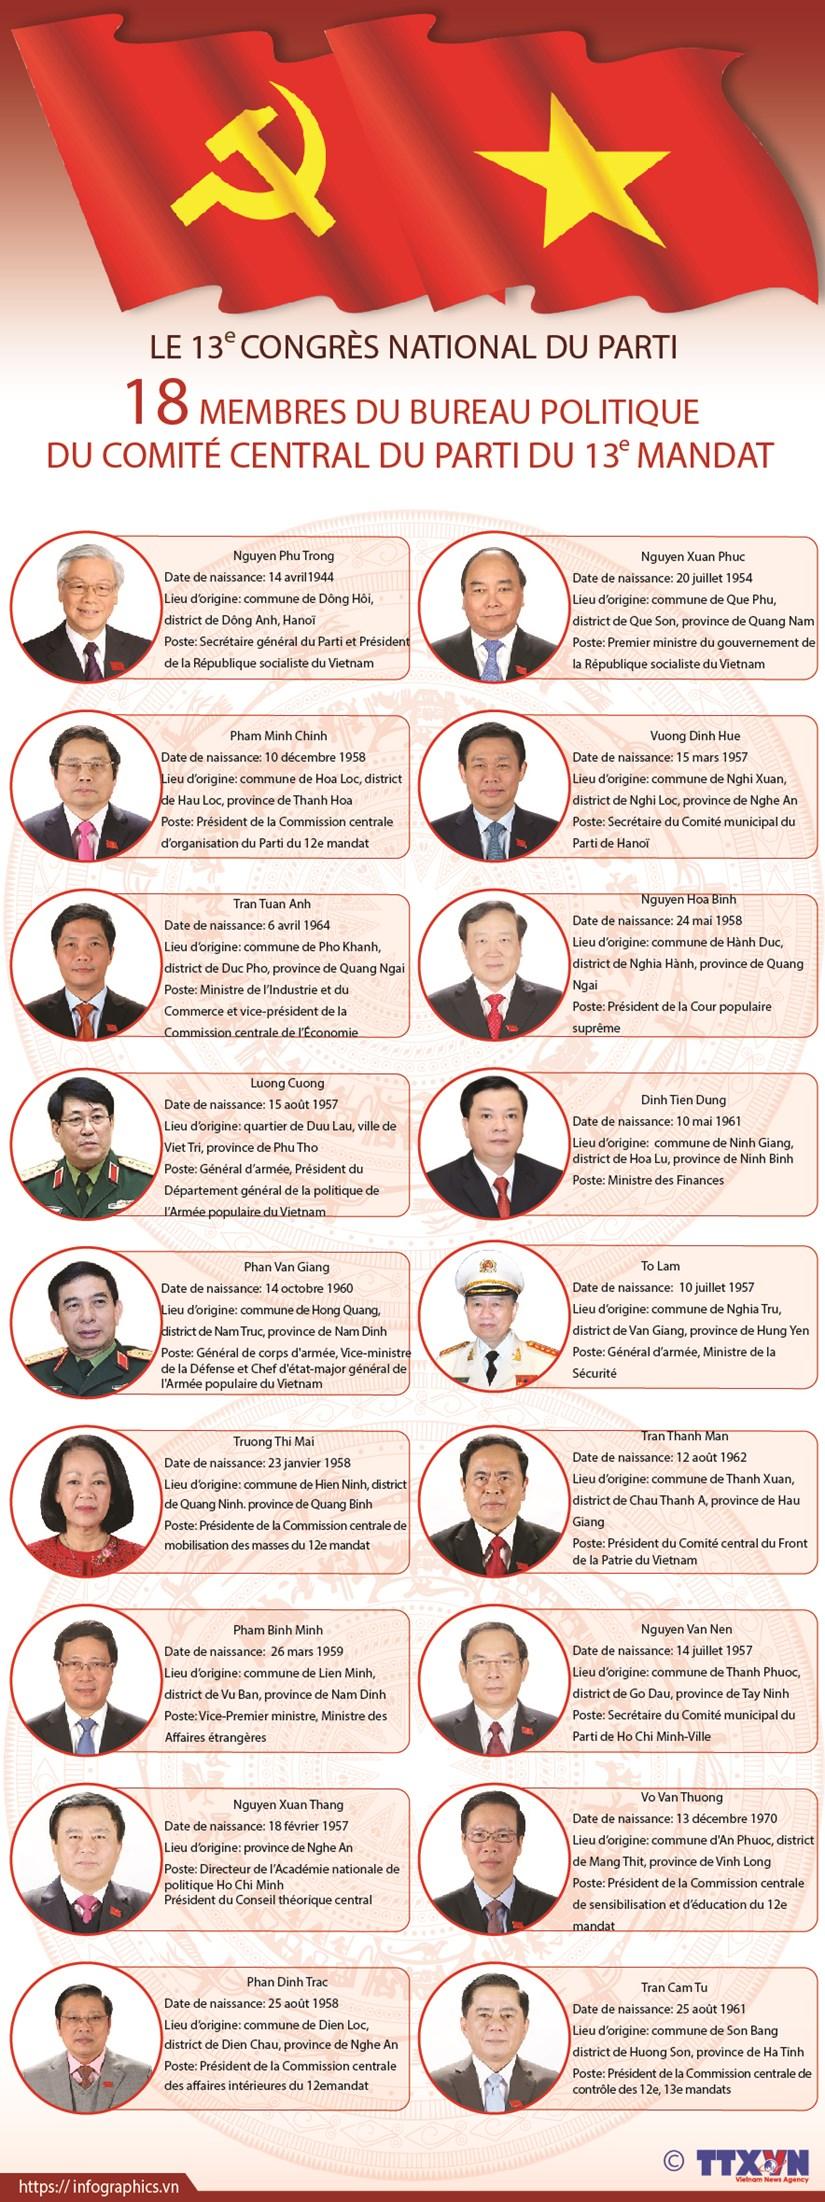 18 membres du Bureau politique du Comite central du Parti du 13e mandat hinh anh 1